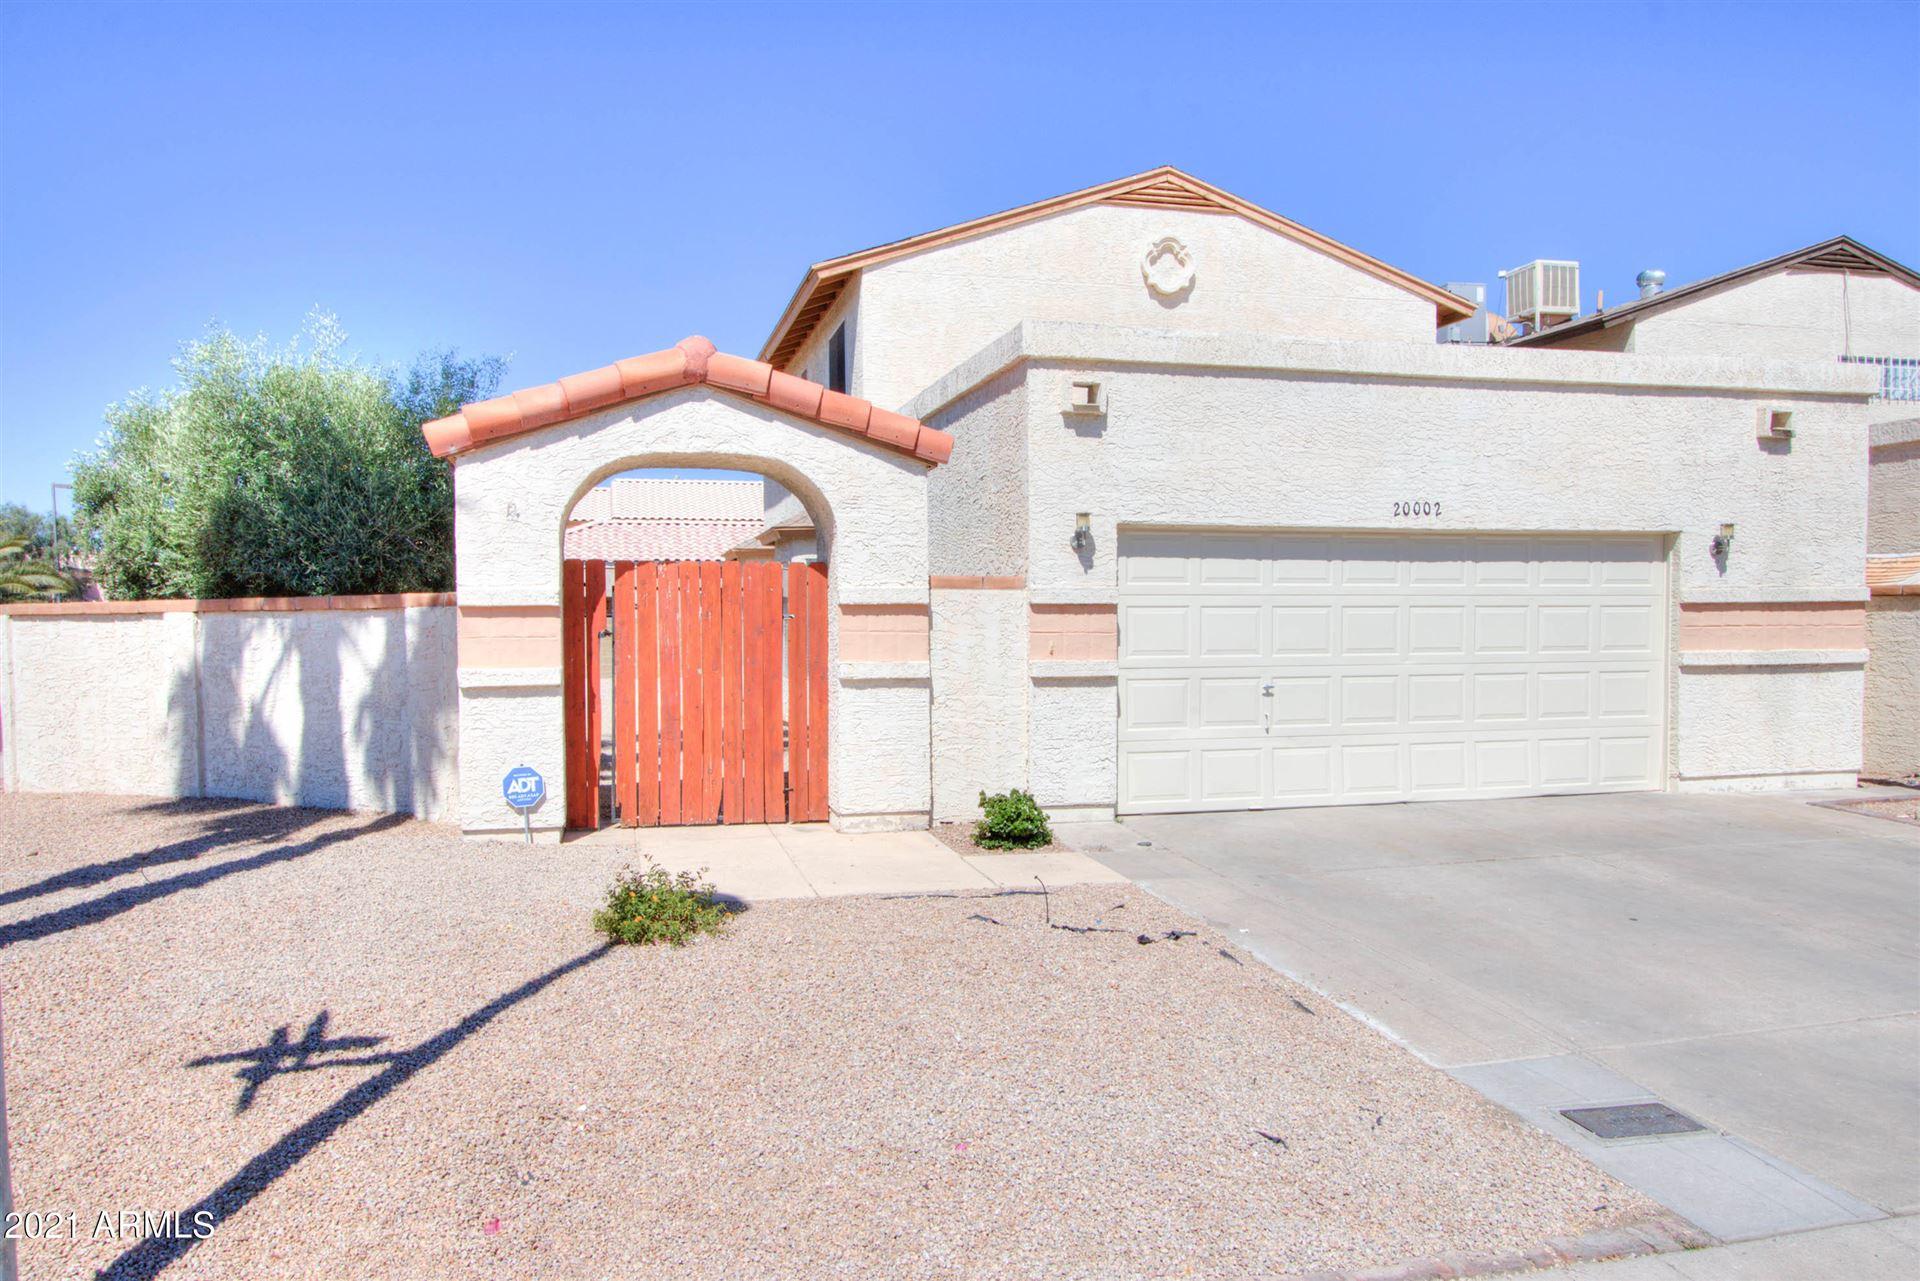 Photo of 20002 N 48th Lane, Glendale, AZ 85308 (MLS # 6307691)